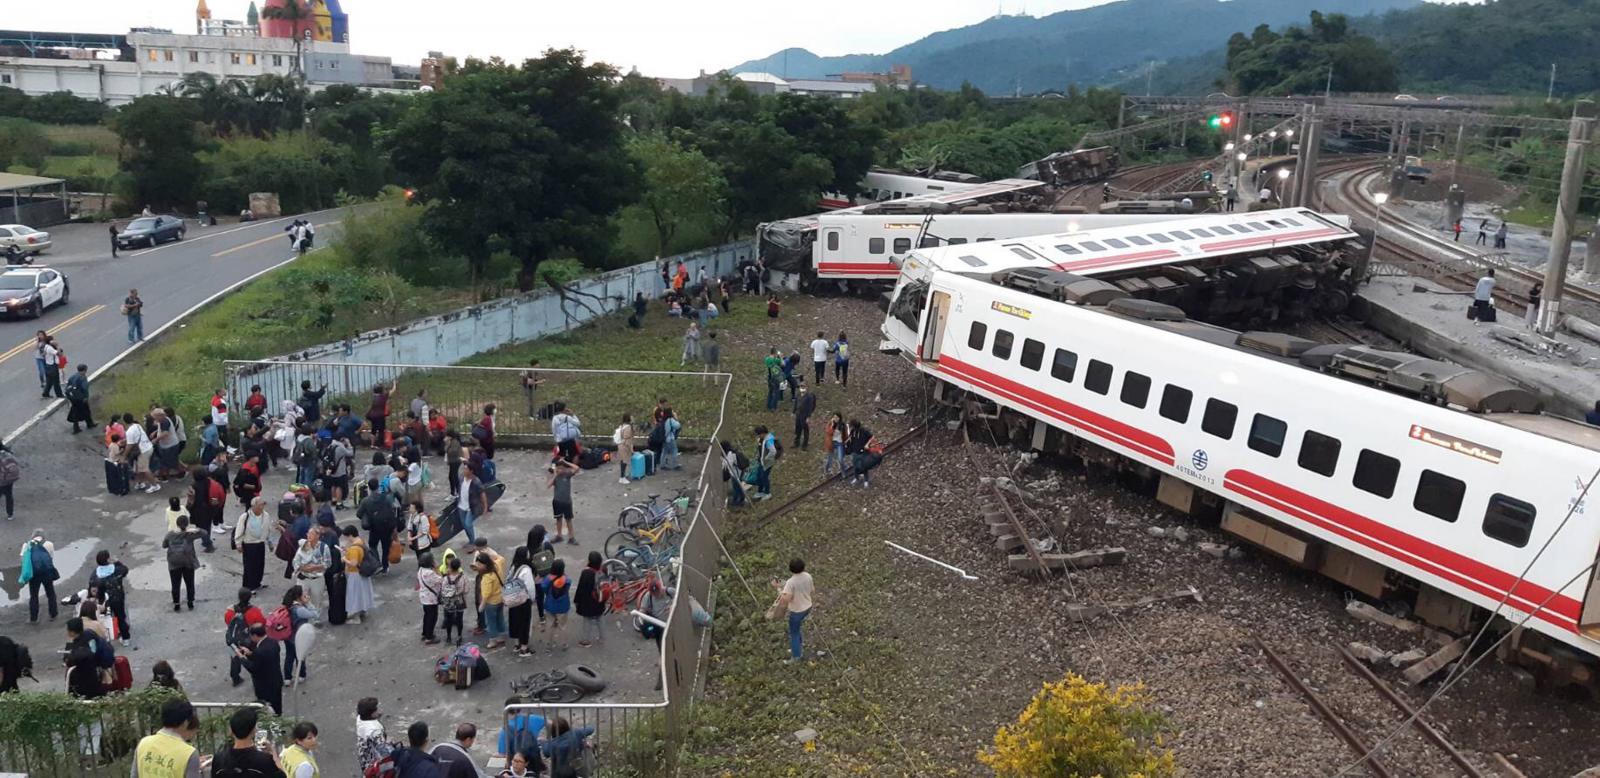 ไต้หวันรถไฟตกรางเสียชีวิตอย่างน้อย 17 คน บาดเจ็บกว่า 100 คน